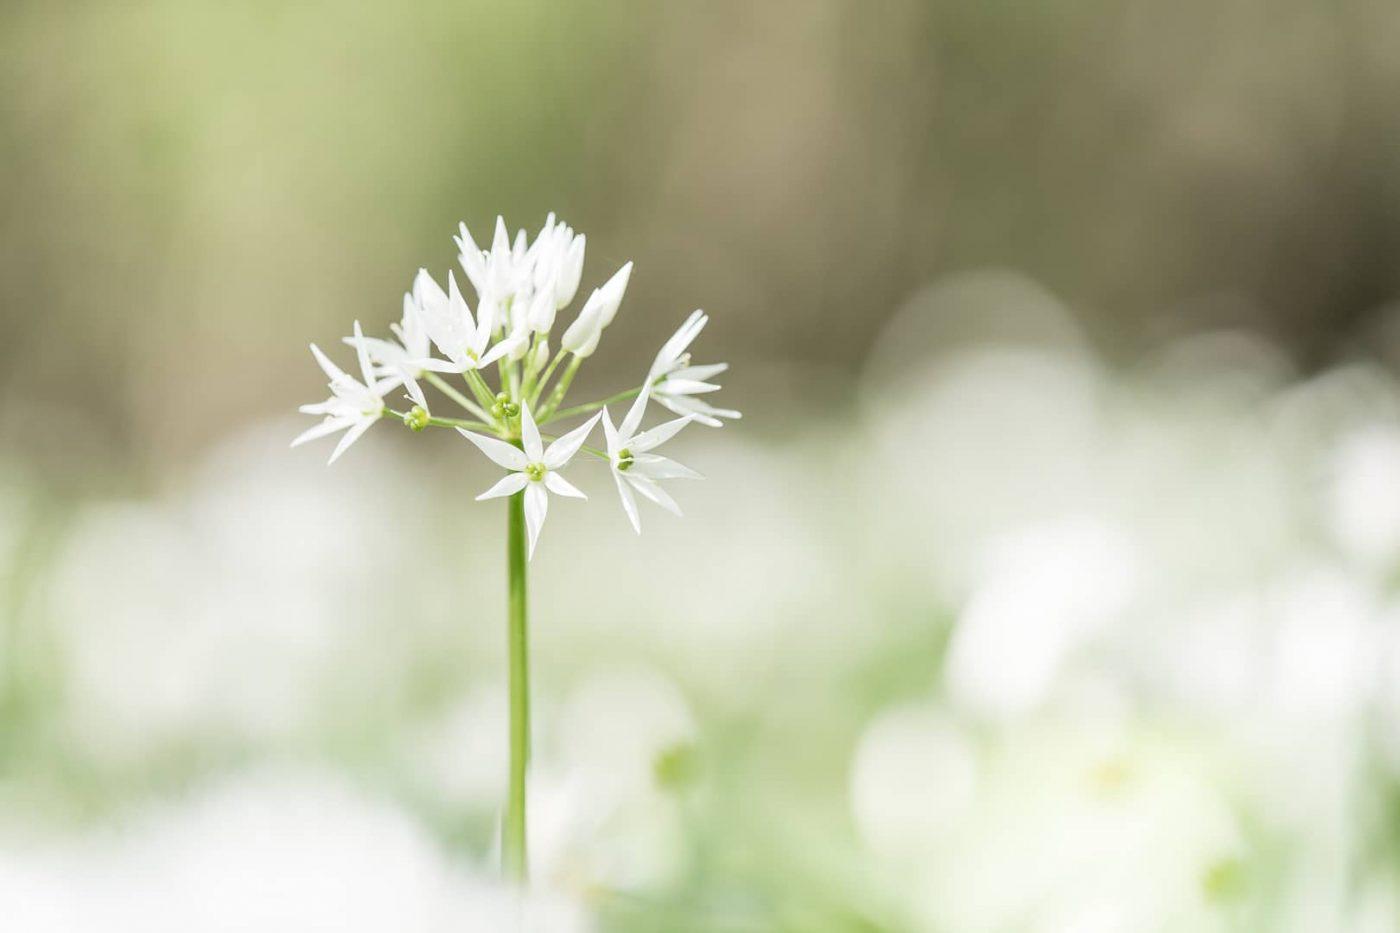 Bärlauchblüte - von Torsten Christ